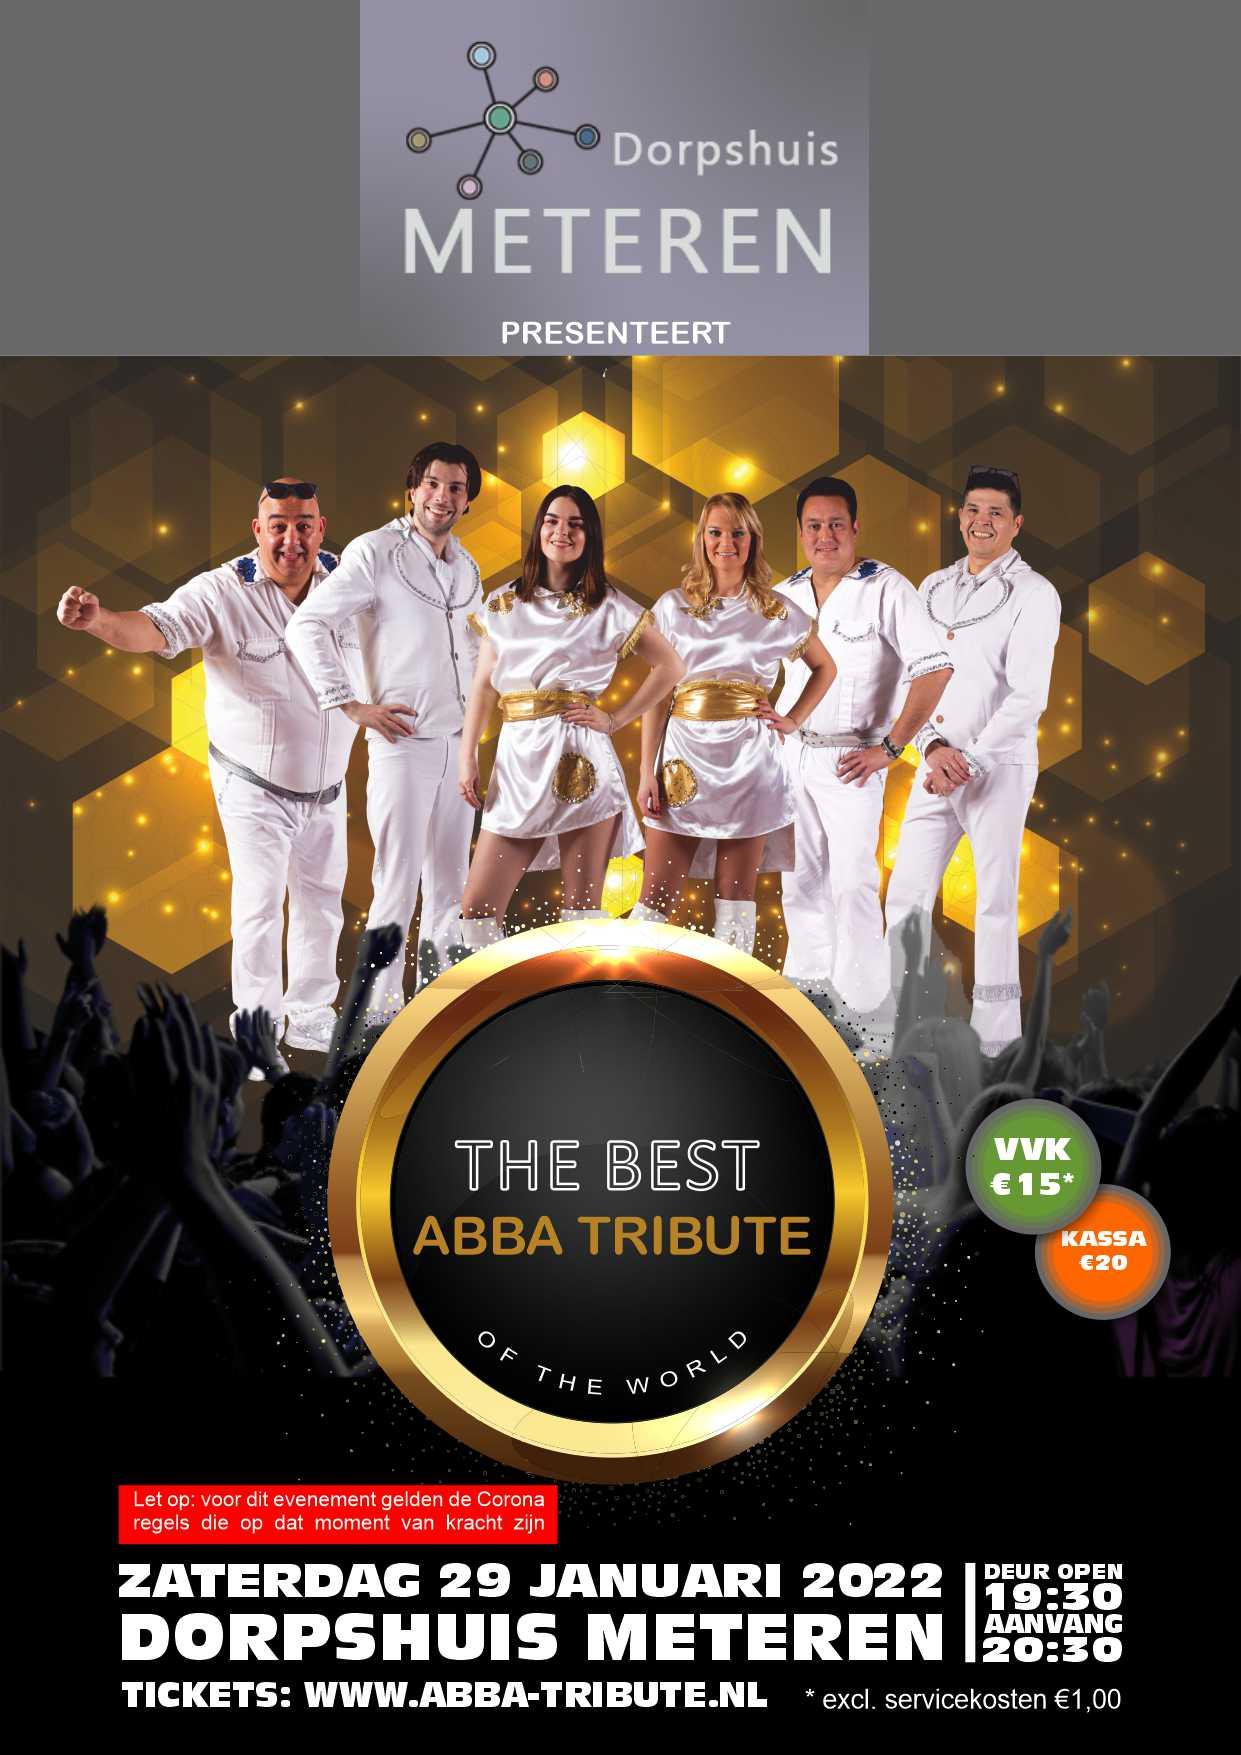 ABBA Tribute Dorpshuis Meteren 2021